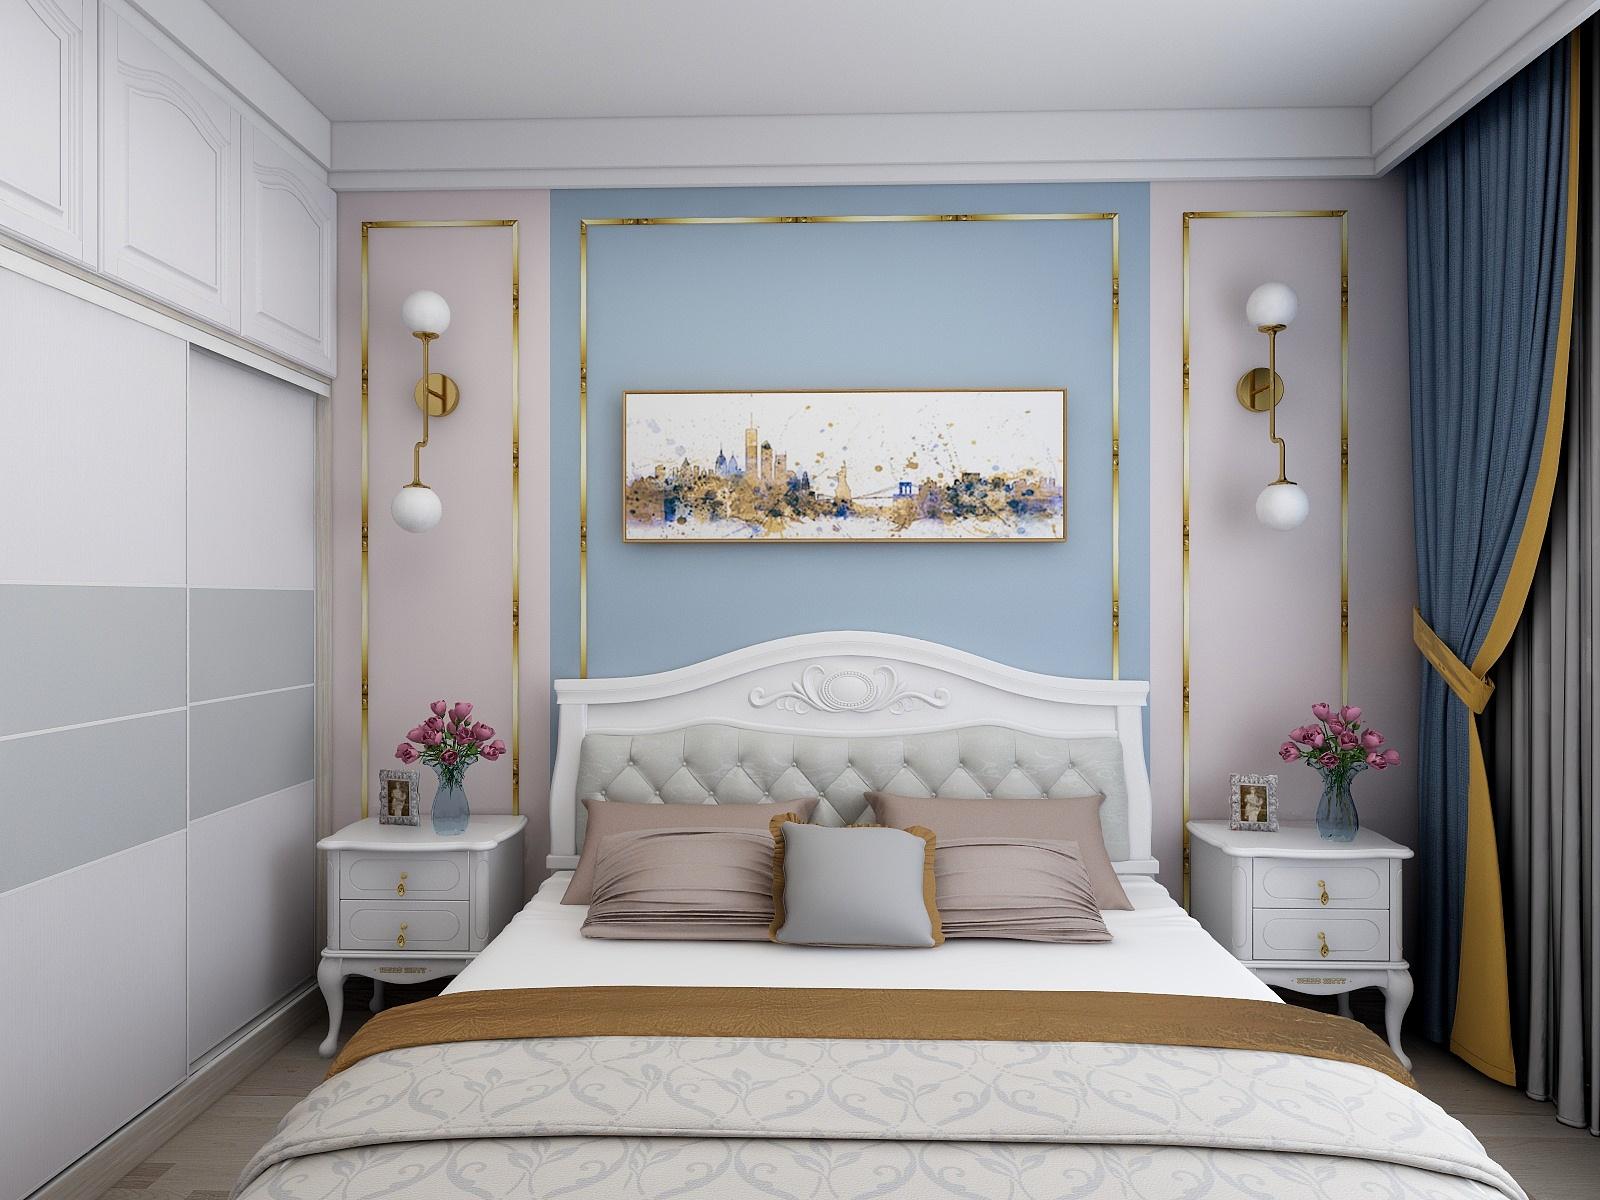 60㎡简美风格卧室背景墙装修效果图